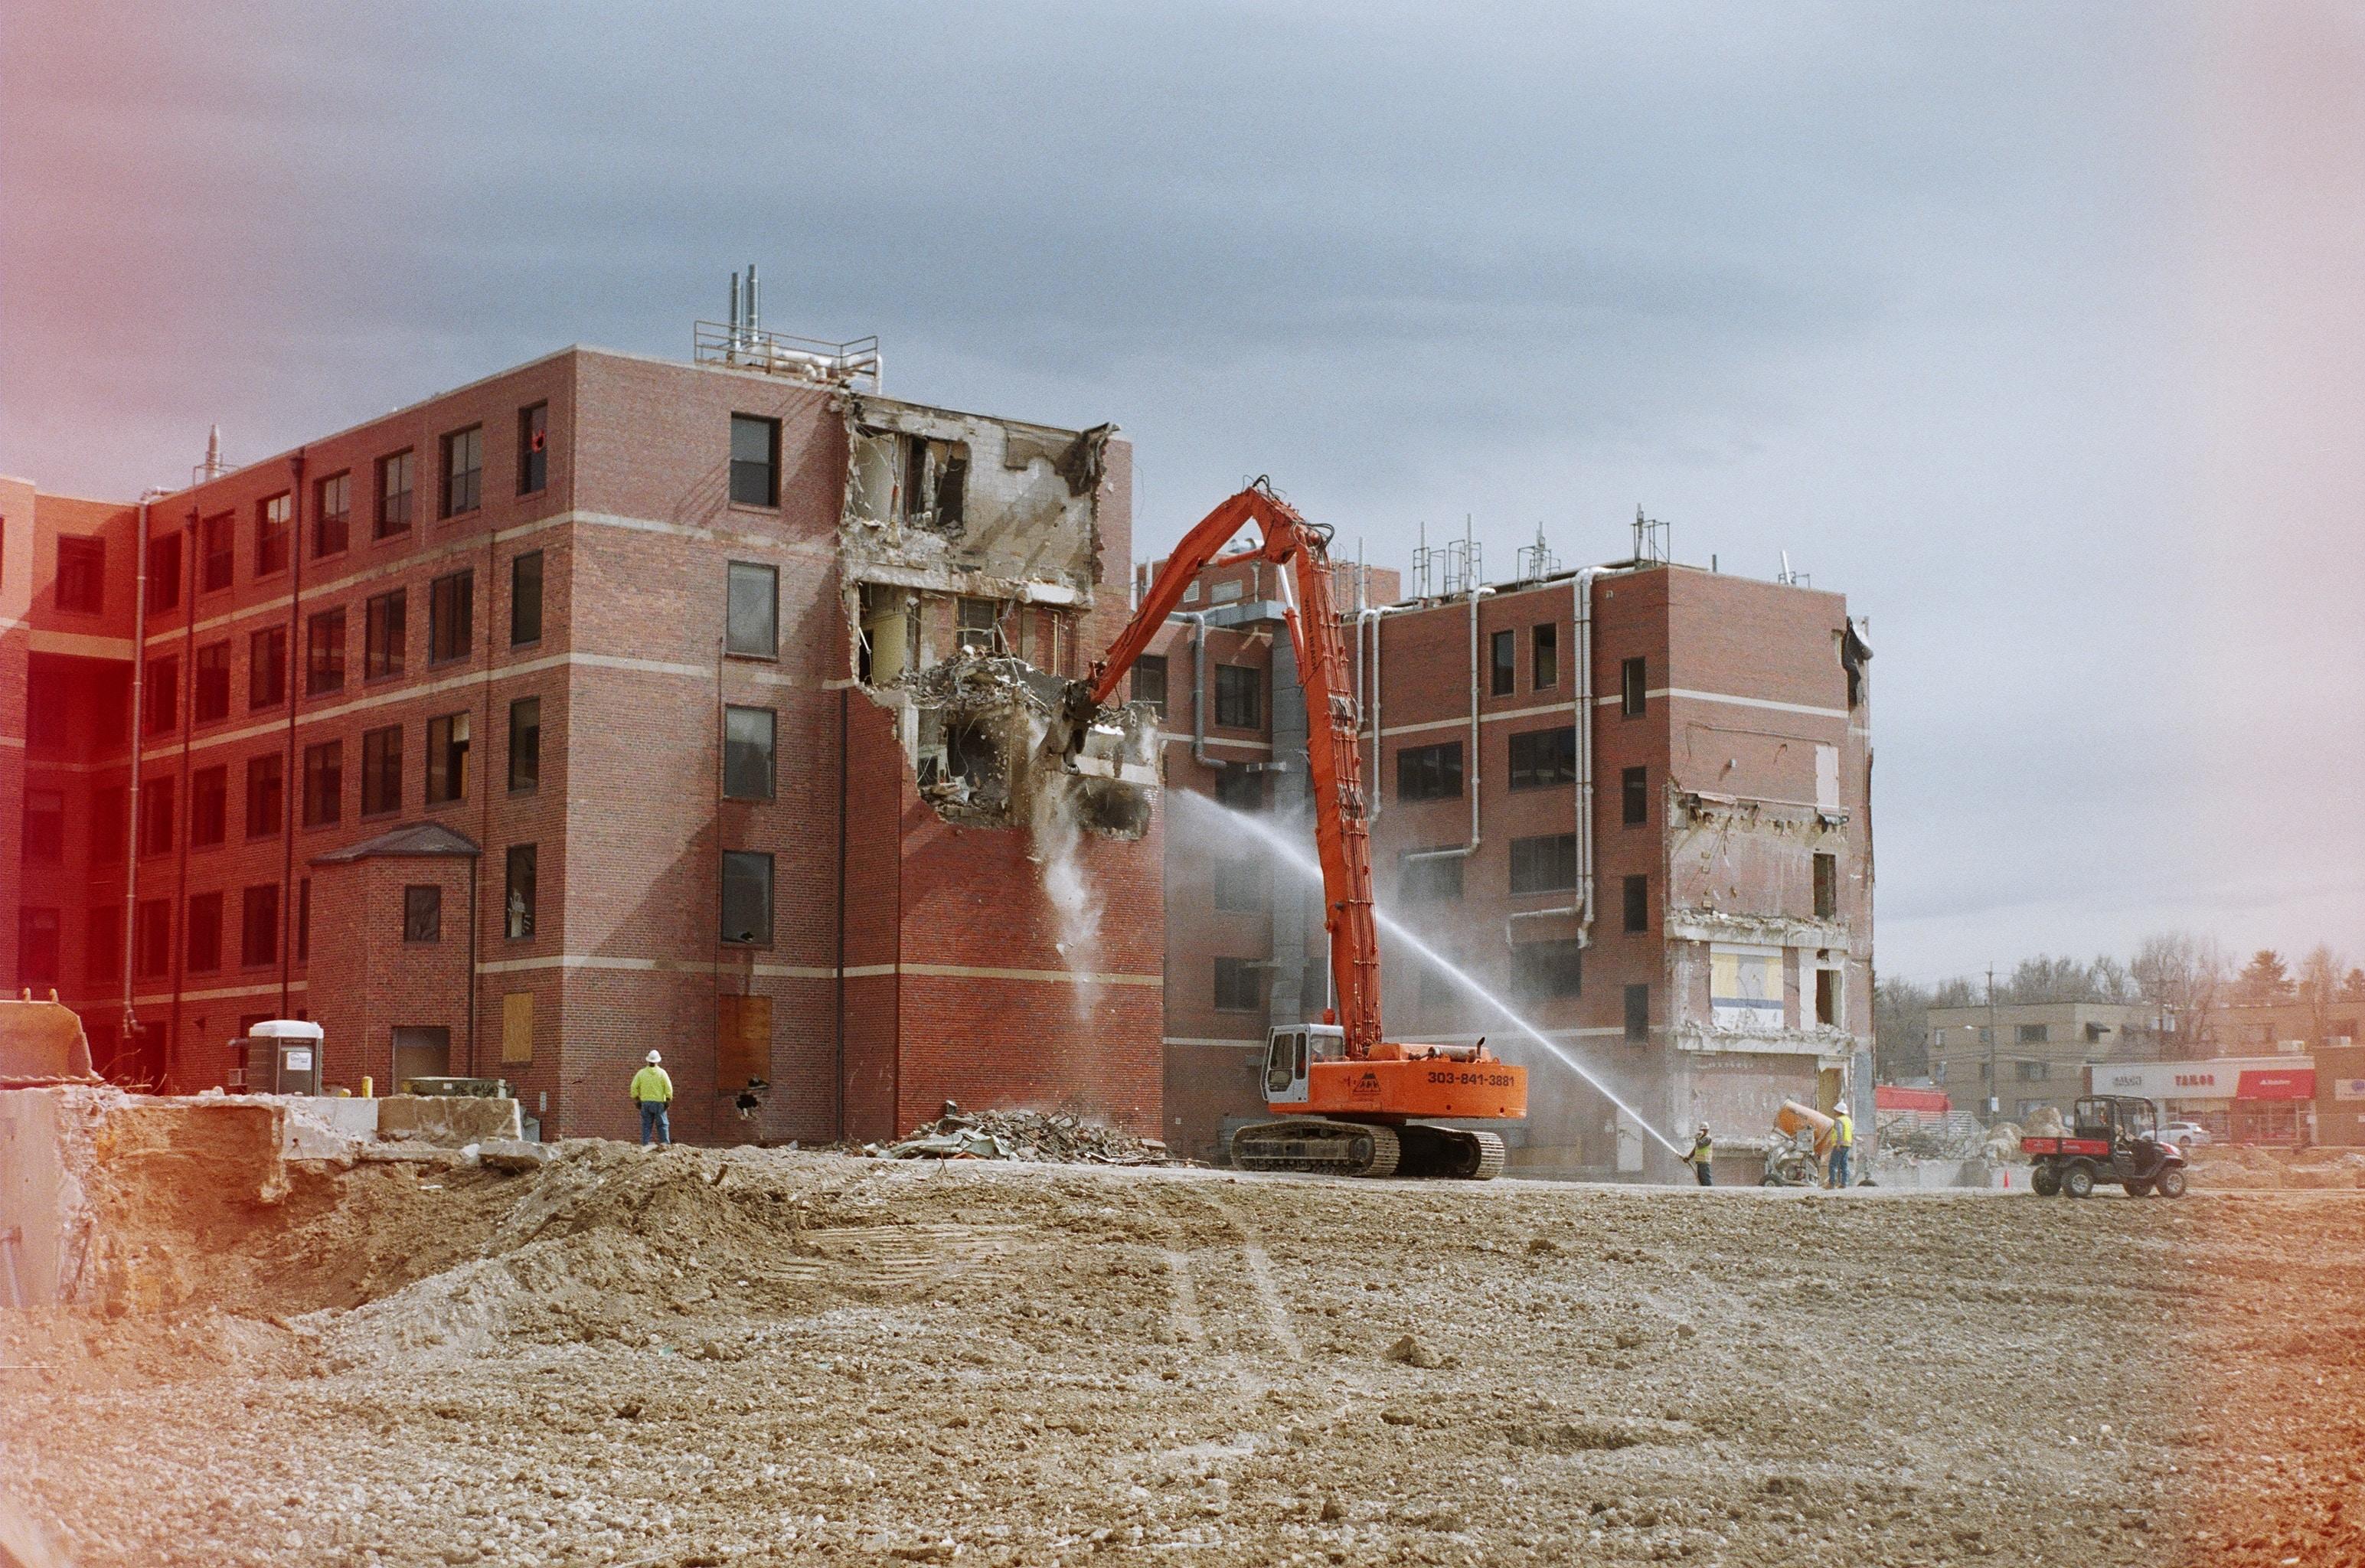 Les précautions à prendre lors de travaux de démolition